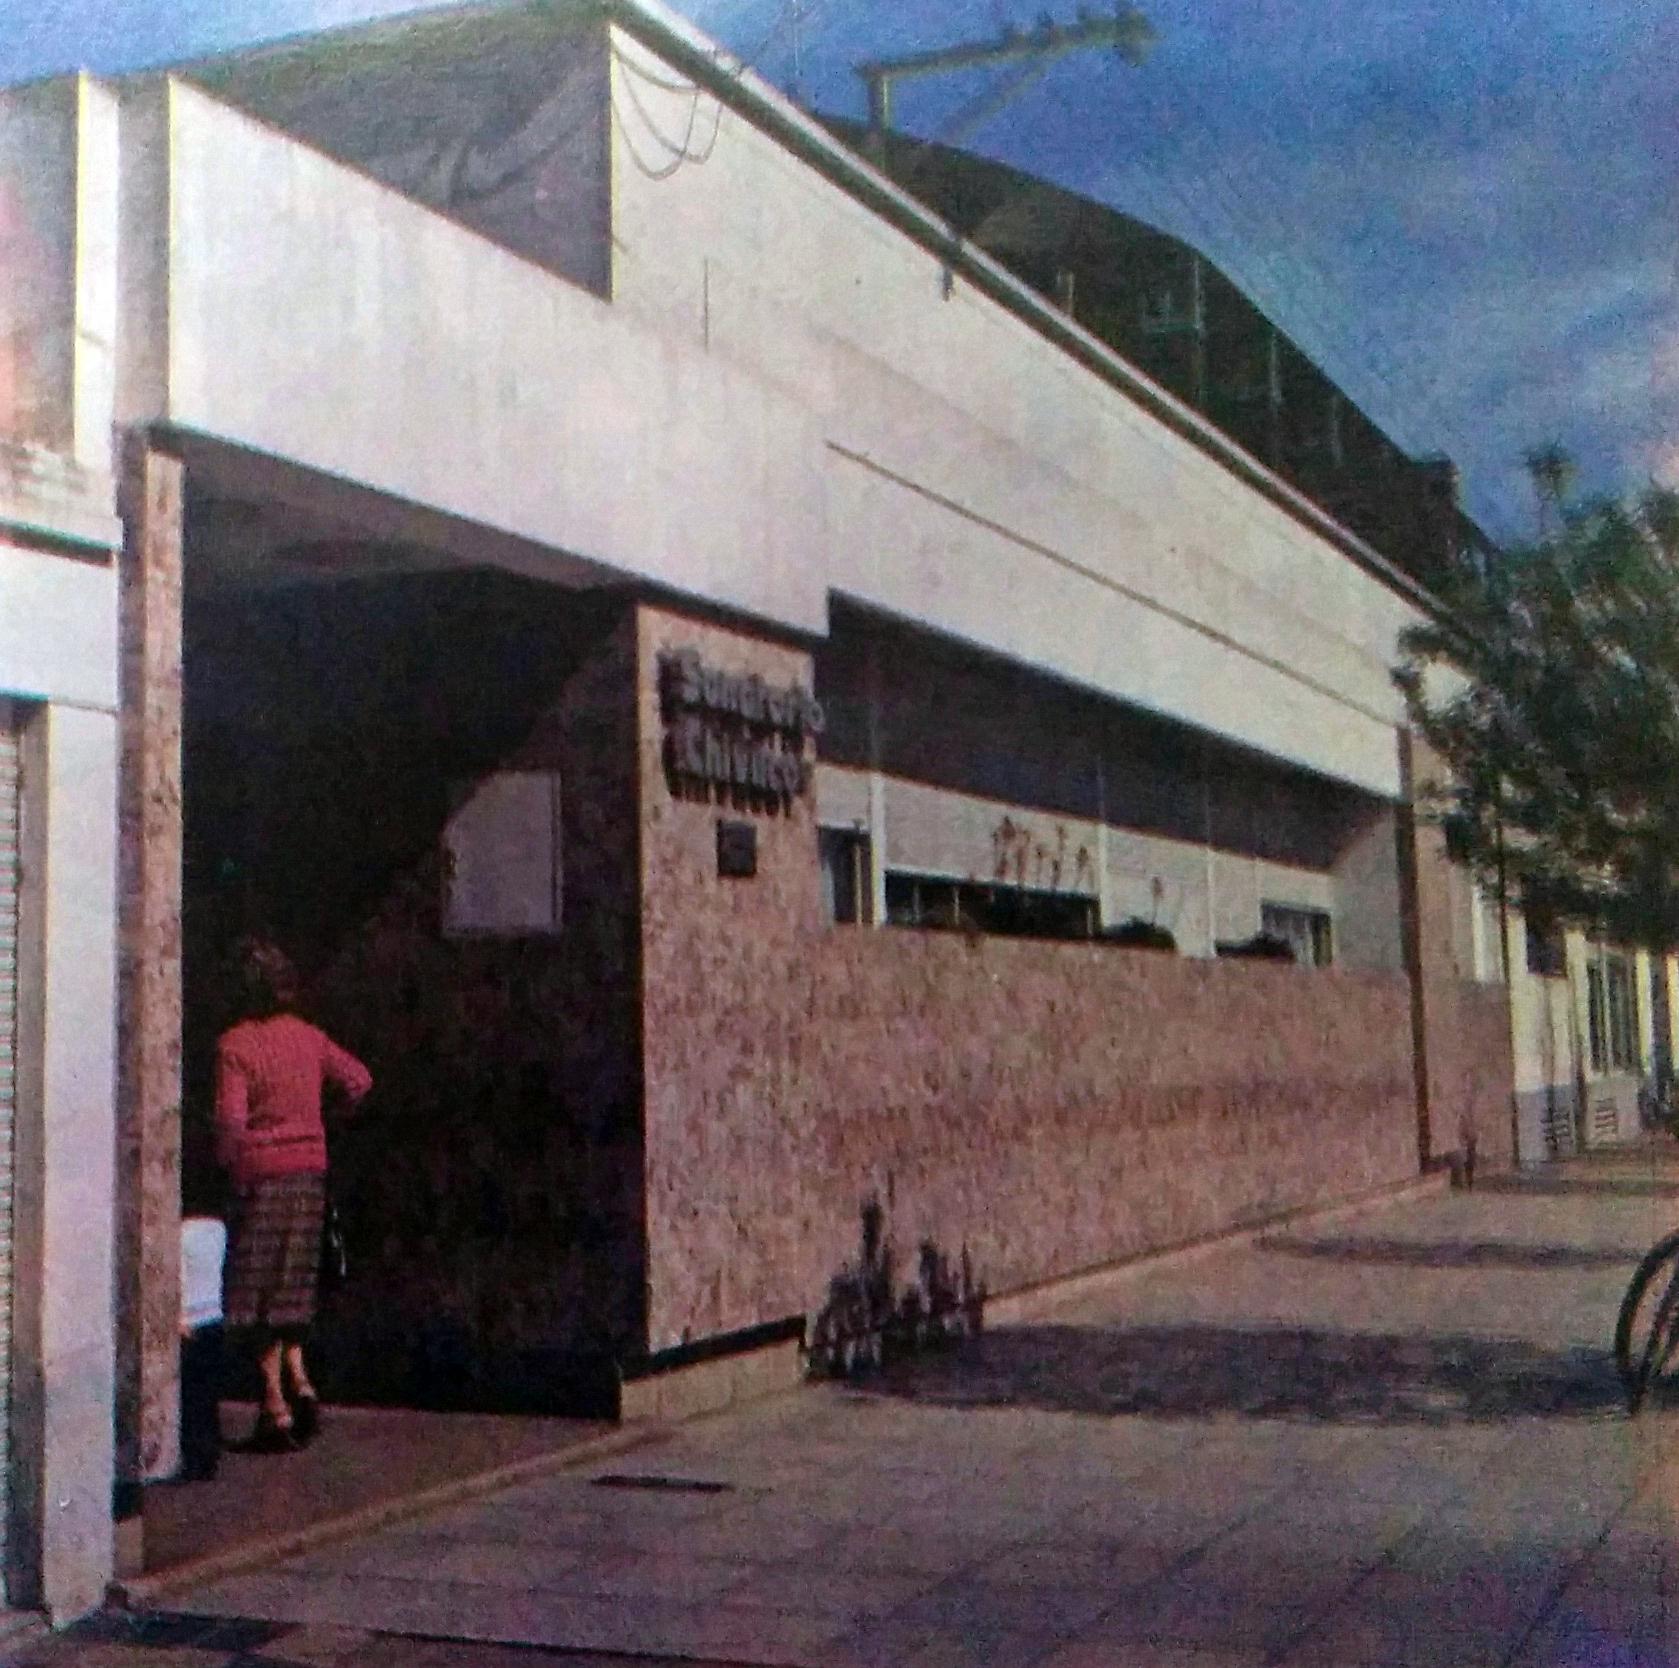 Fachada del Sanatorio Chivilcoy, fundado el 1 de agosto de 1939.